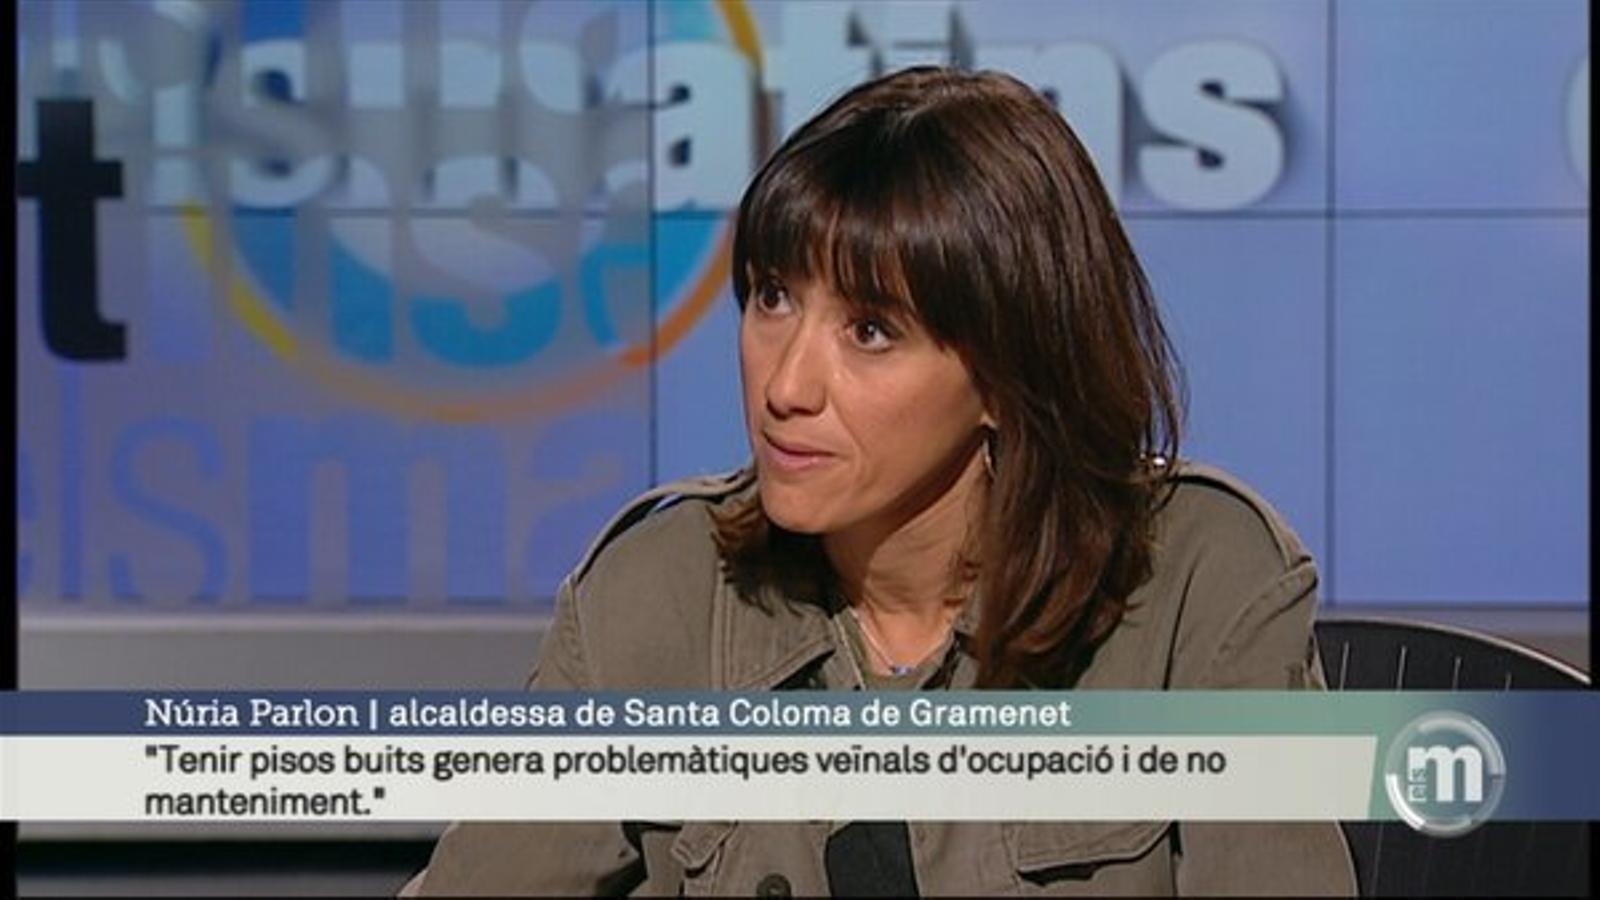 L'alcaldessa de Santa Coloma de Gramenet, Núria Parlon, durant l'entrevista a 'Els Matins' de TV3